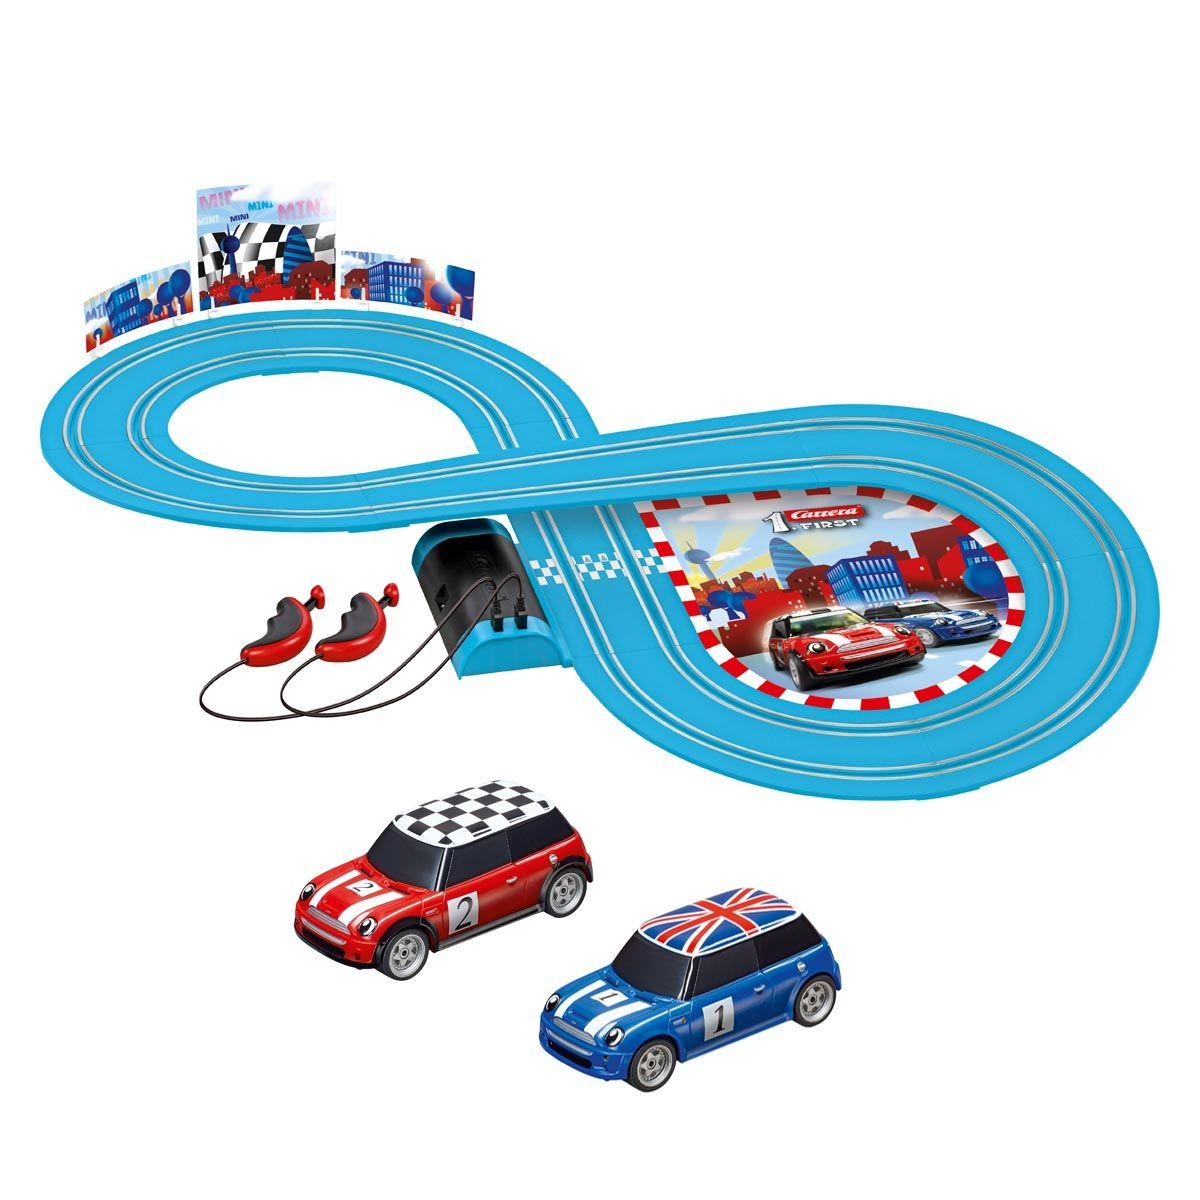 Circuit De Voiture My First Mini | Voiture, Circuit Carrera concernant Mini Jeux De Voiture